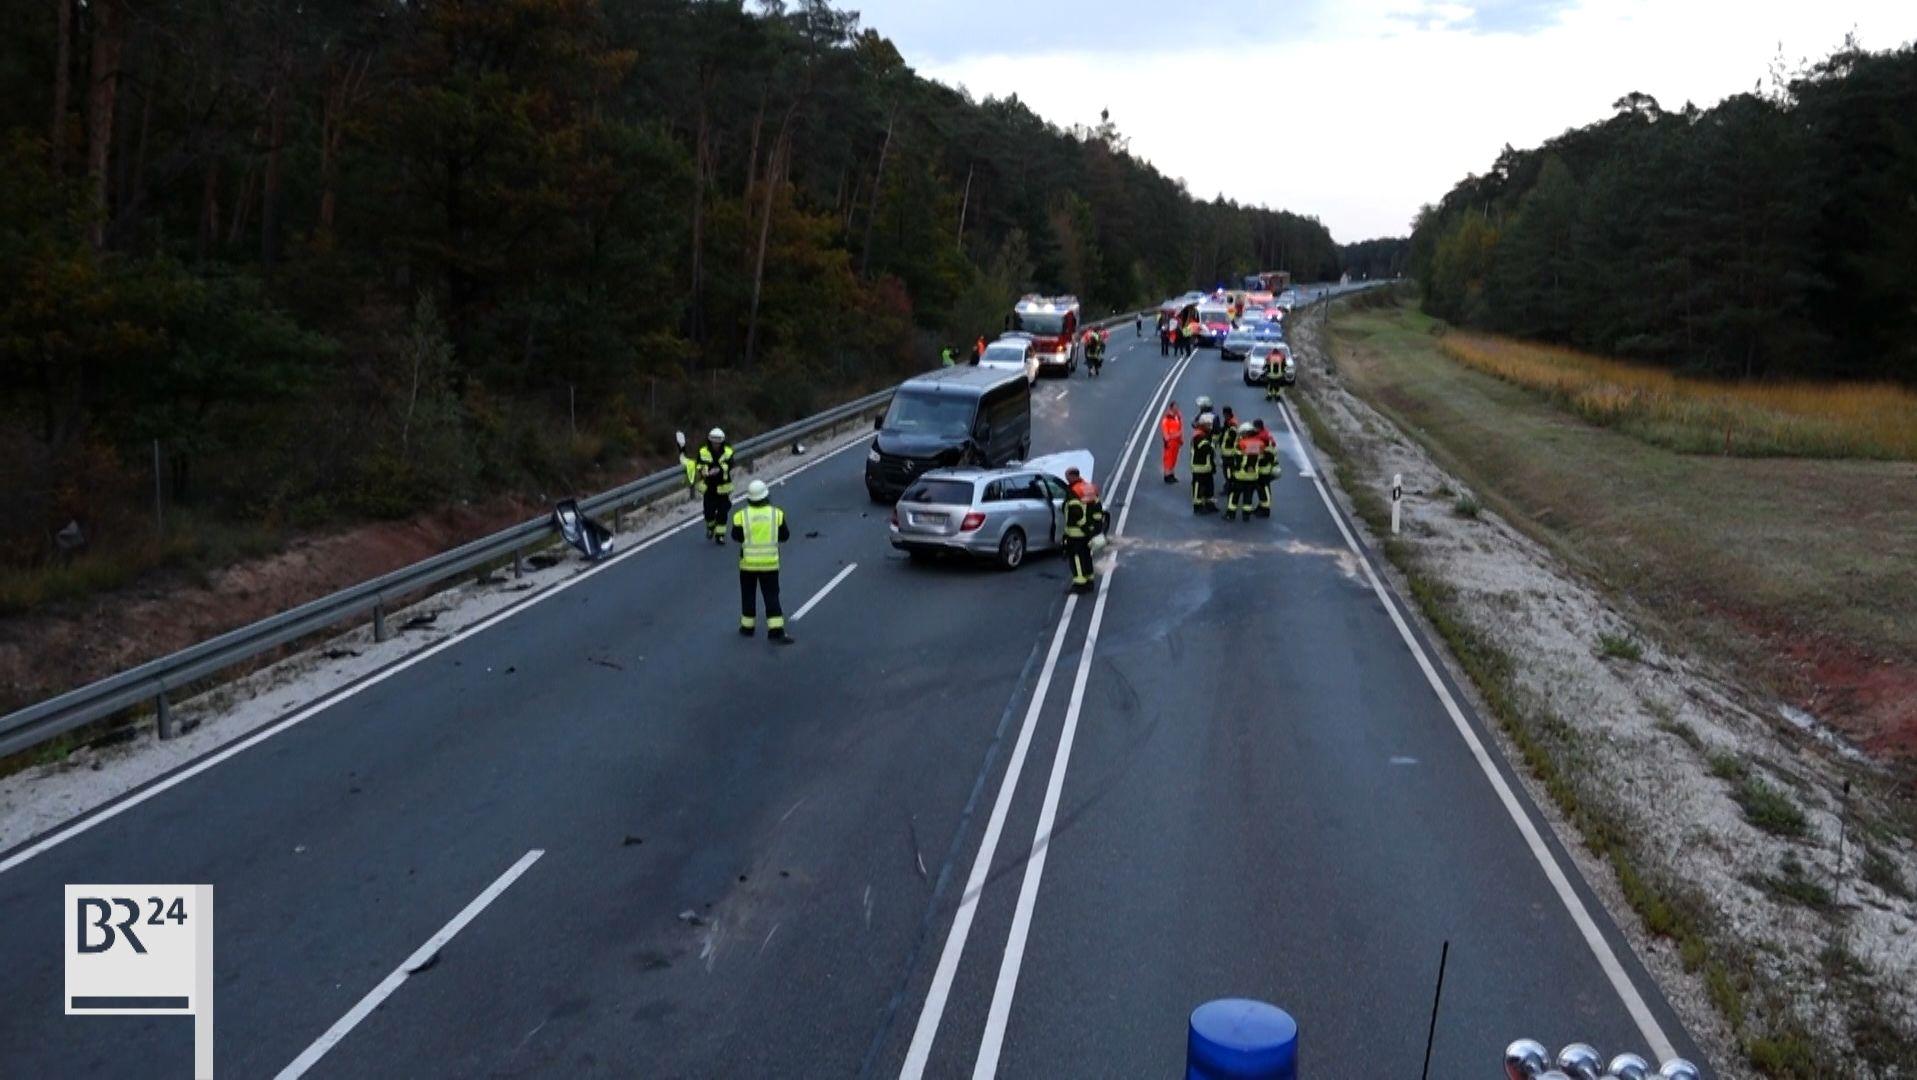 Zu dem schweren Unfall kam es durch ein riskantes Überholmanöver zwischen Hirschaid und Pommersfeldern.